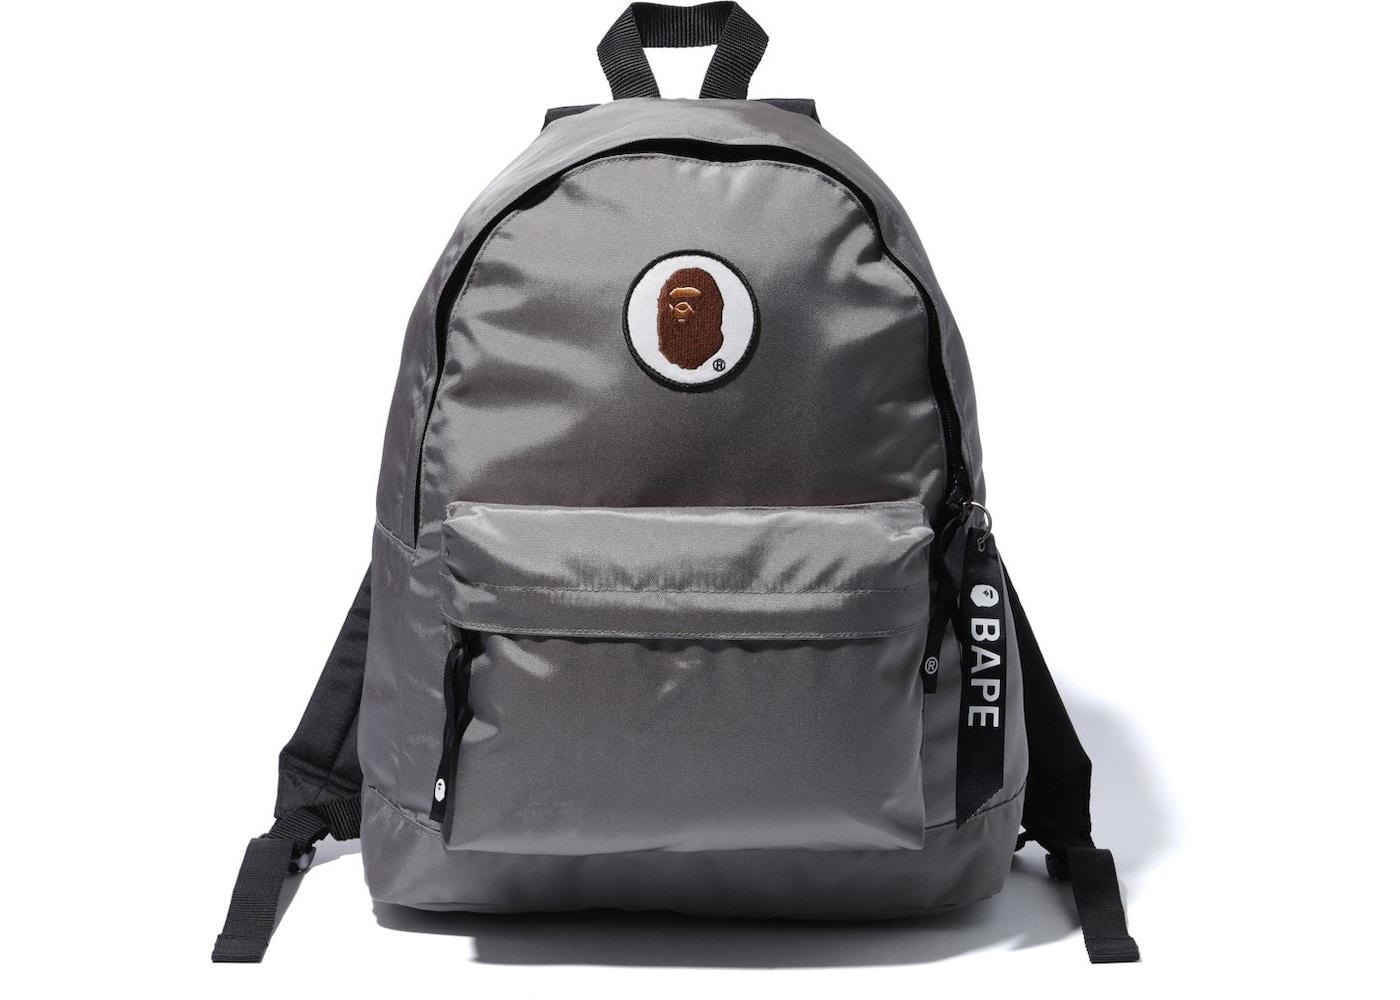 e6dc2e8614a Bape Bags - Buy & Sell Streetwear